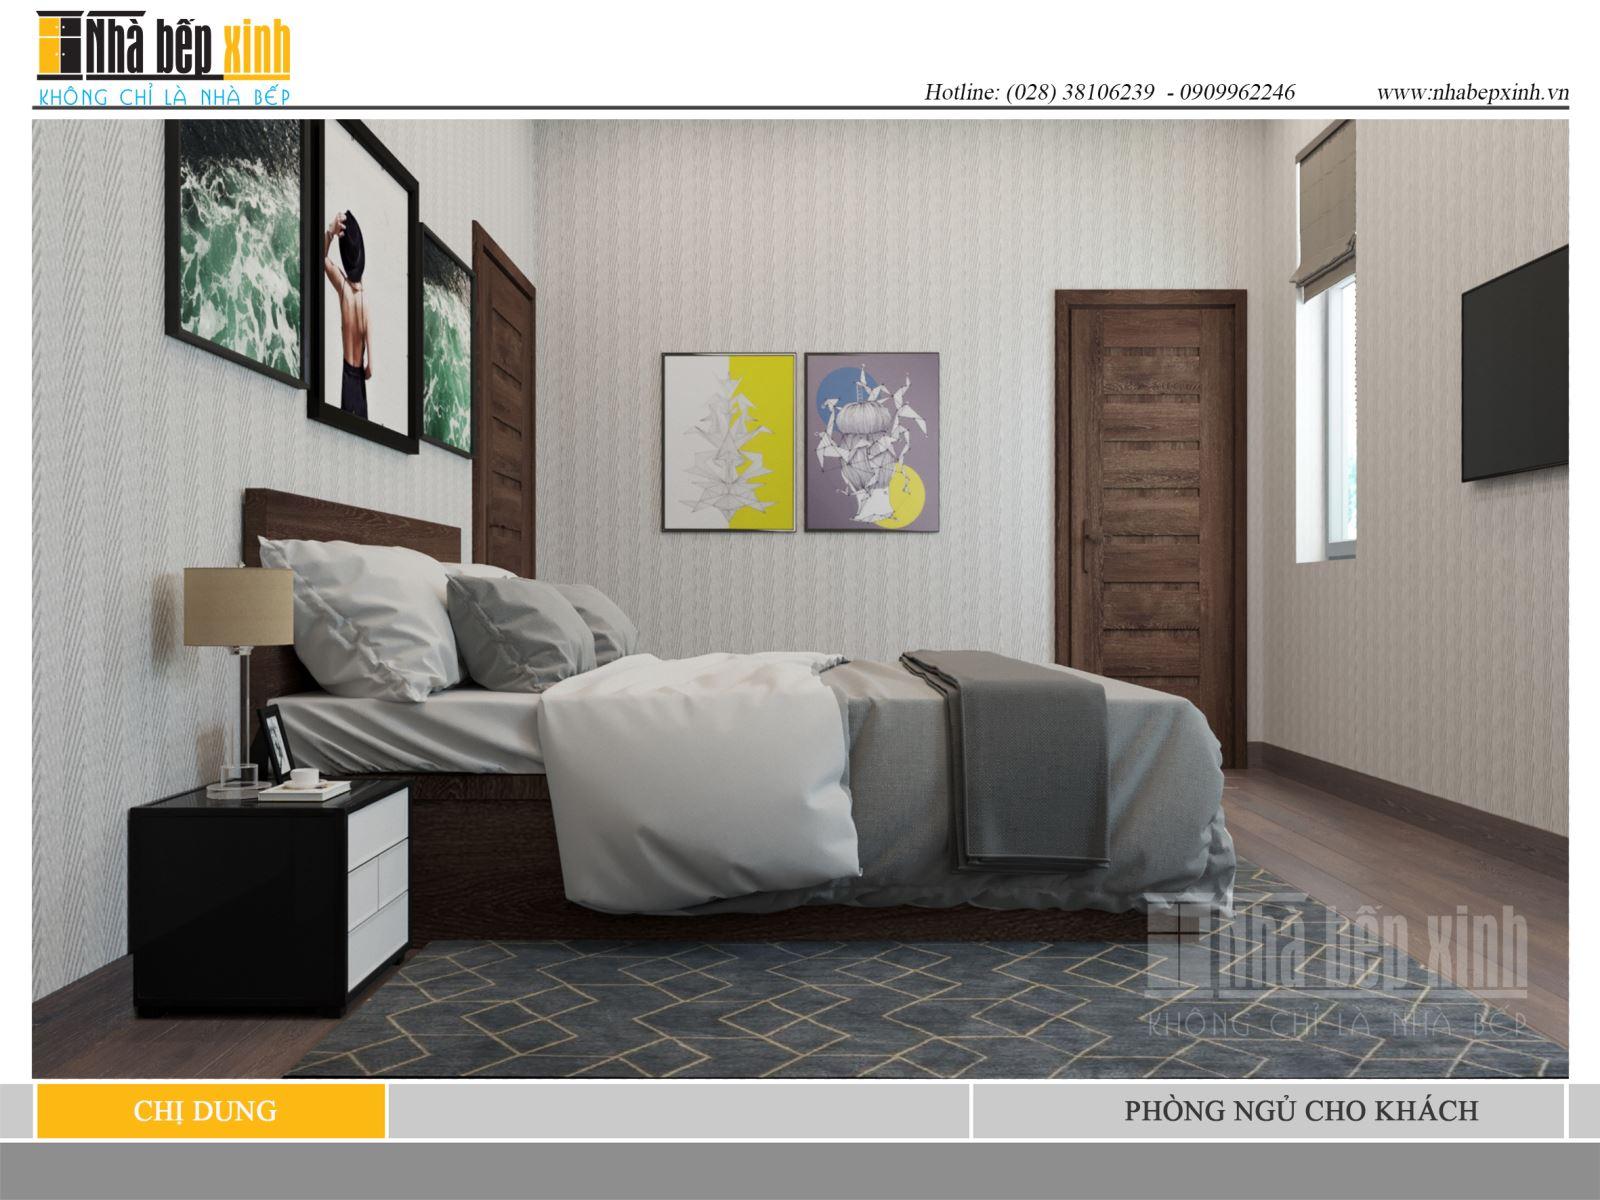 Phòng ngủ cho khách đẹp sang trọng